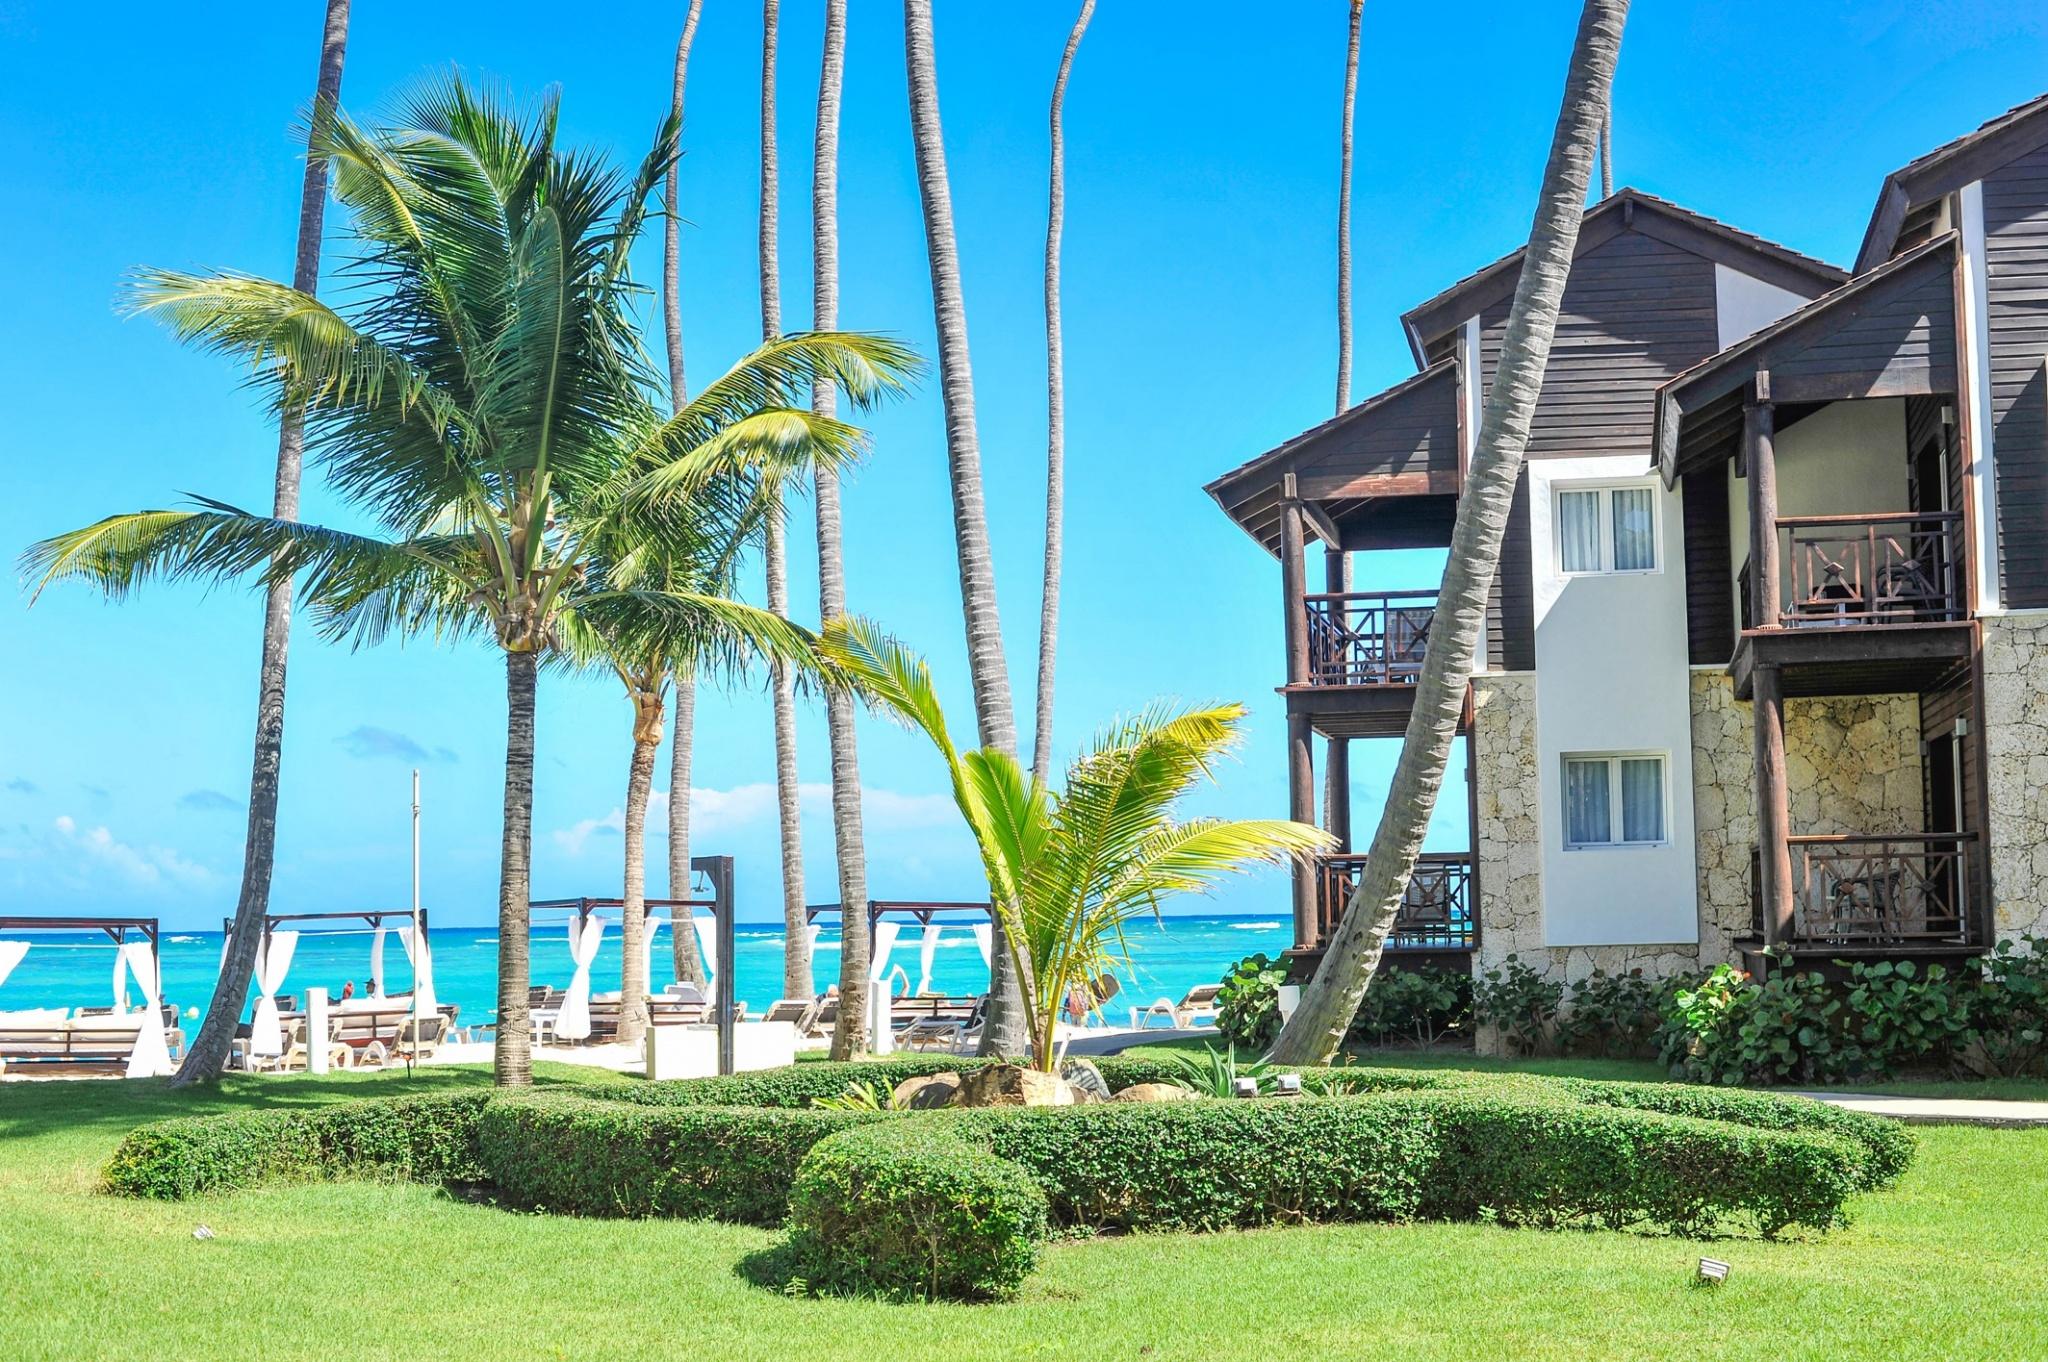 Отель Vista Sol Punta Cana сообщил об открытии после карантина